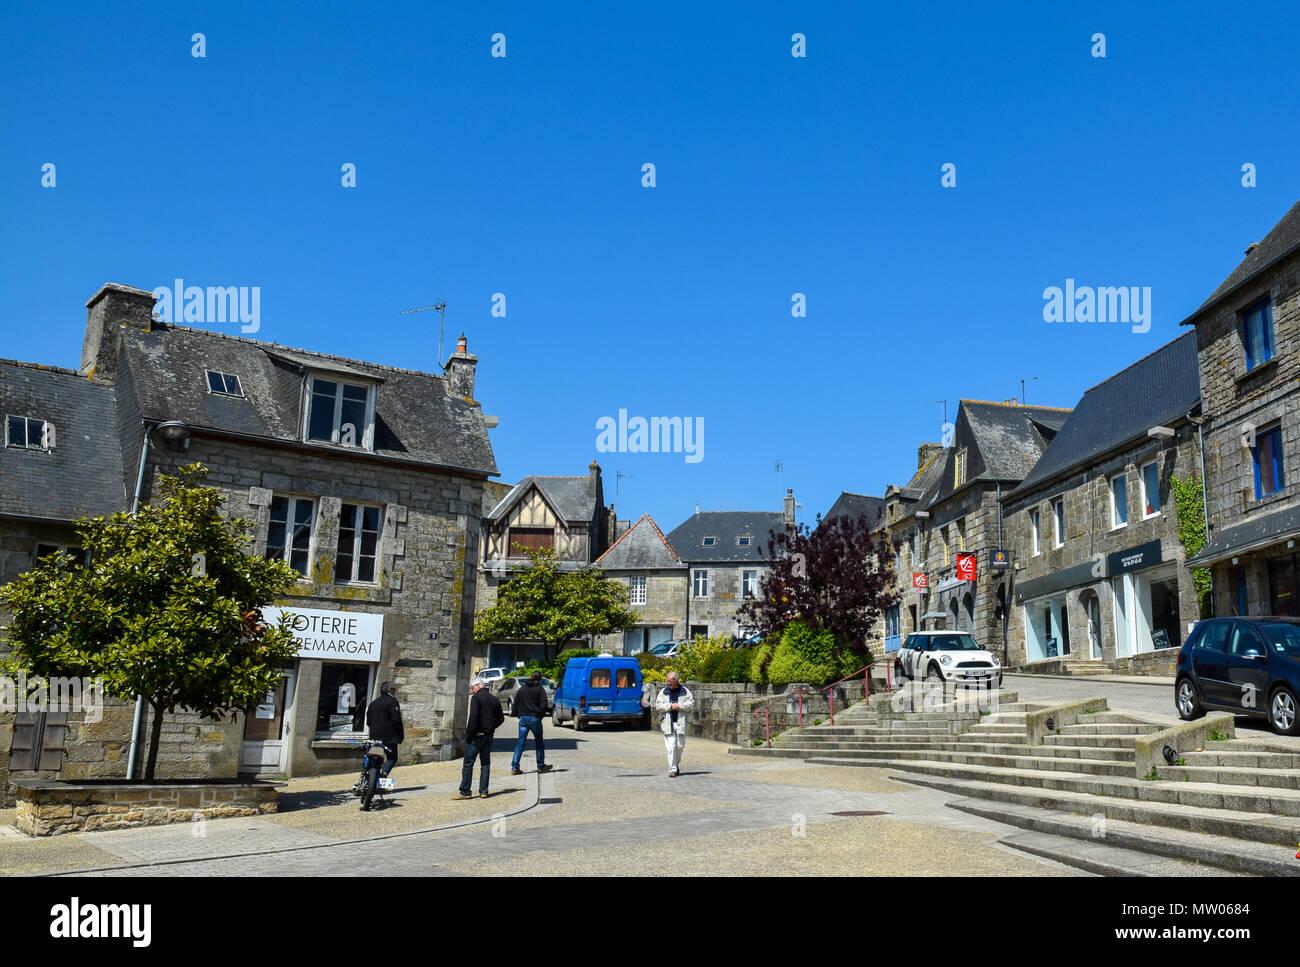 Klar und wolkenlos tief blauen Himmel an einem Wochenende Rostrenan, Bretagne, Frankreich. Stockbild